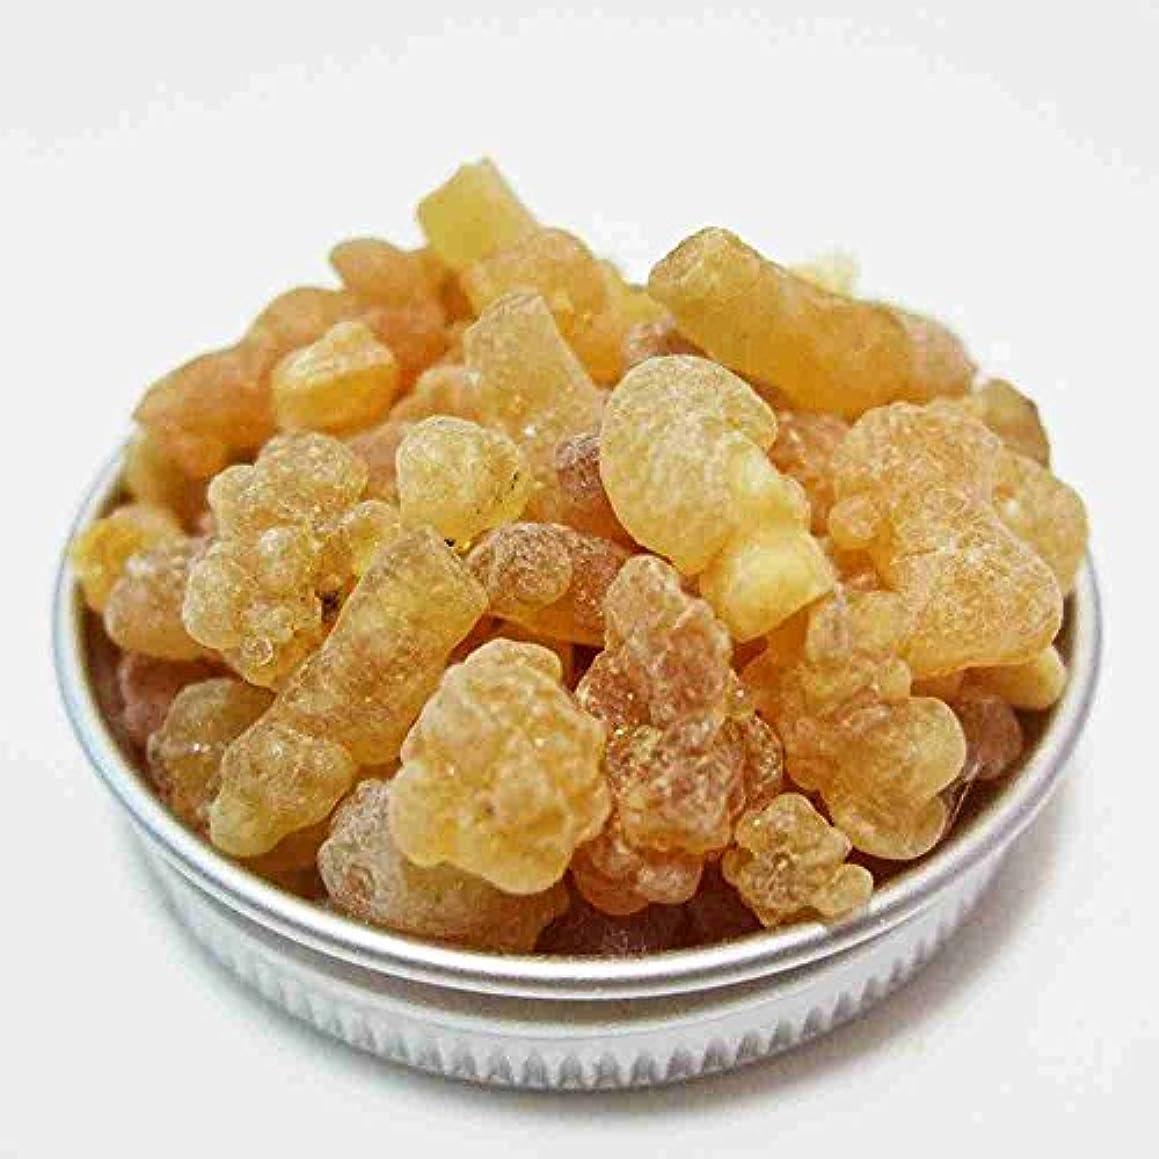 セントストライク無力フランキンセンス Frsnkincense (乳香) 天然樹脂香 フランキンセンス(乳香), 1 Ounce (28 g)